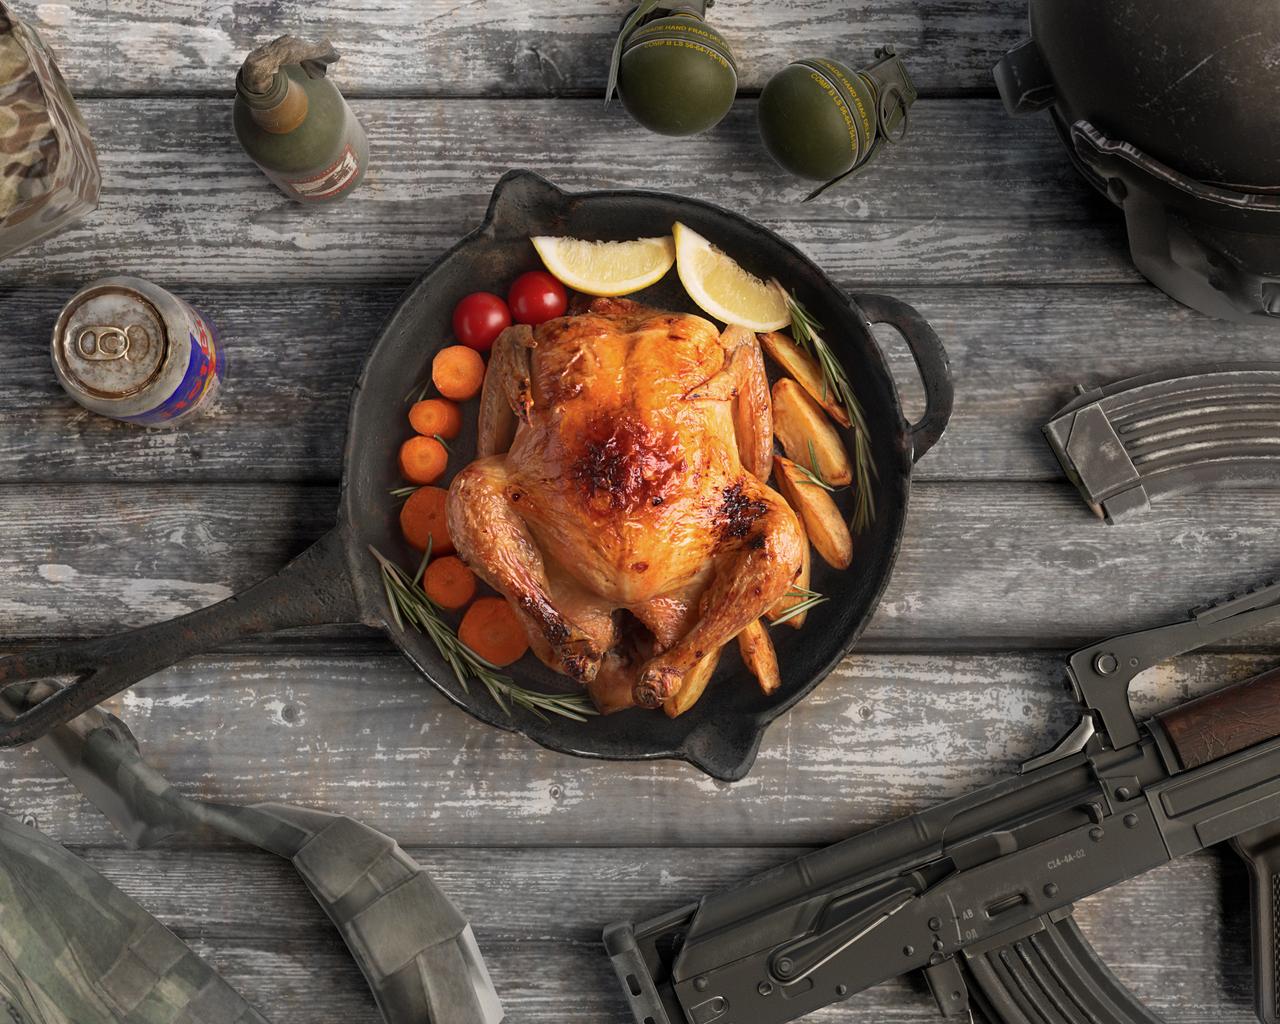 1280x1024 Pubg Chicken Dinner 1280x1024 Resolution Hd 4k